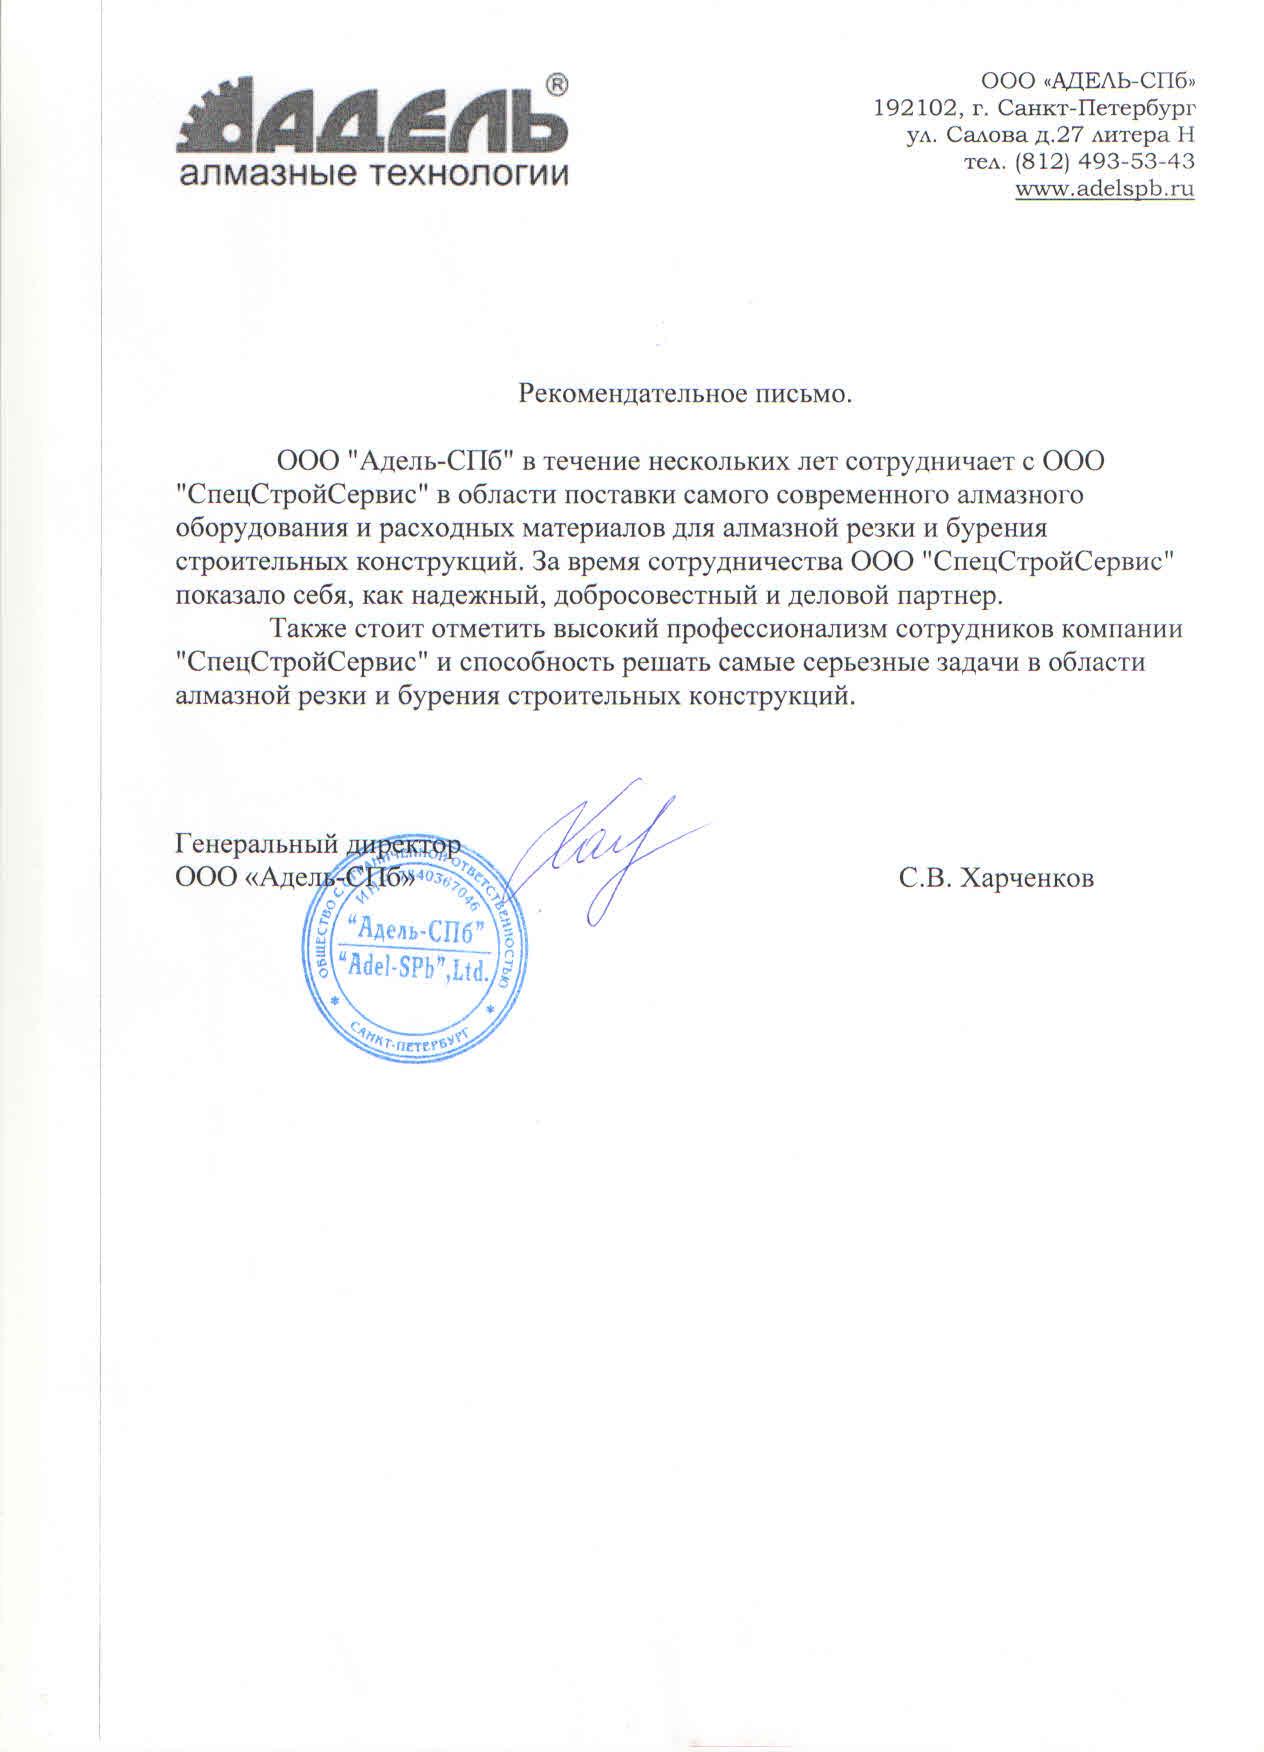 Отзывы о компании ООО СпецСтройСервис